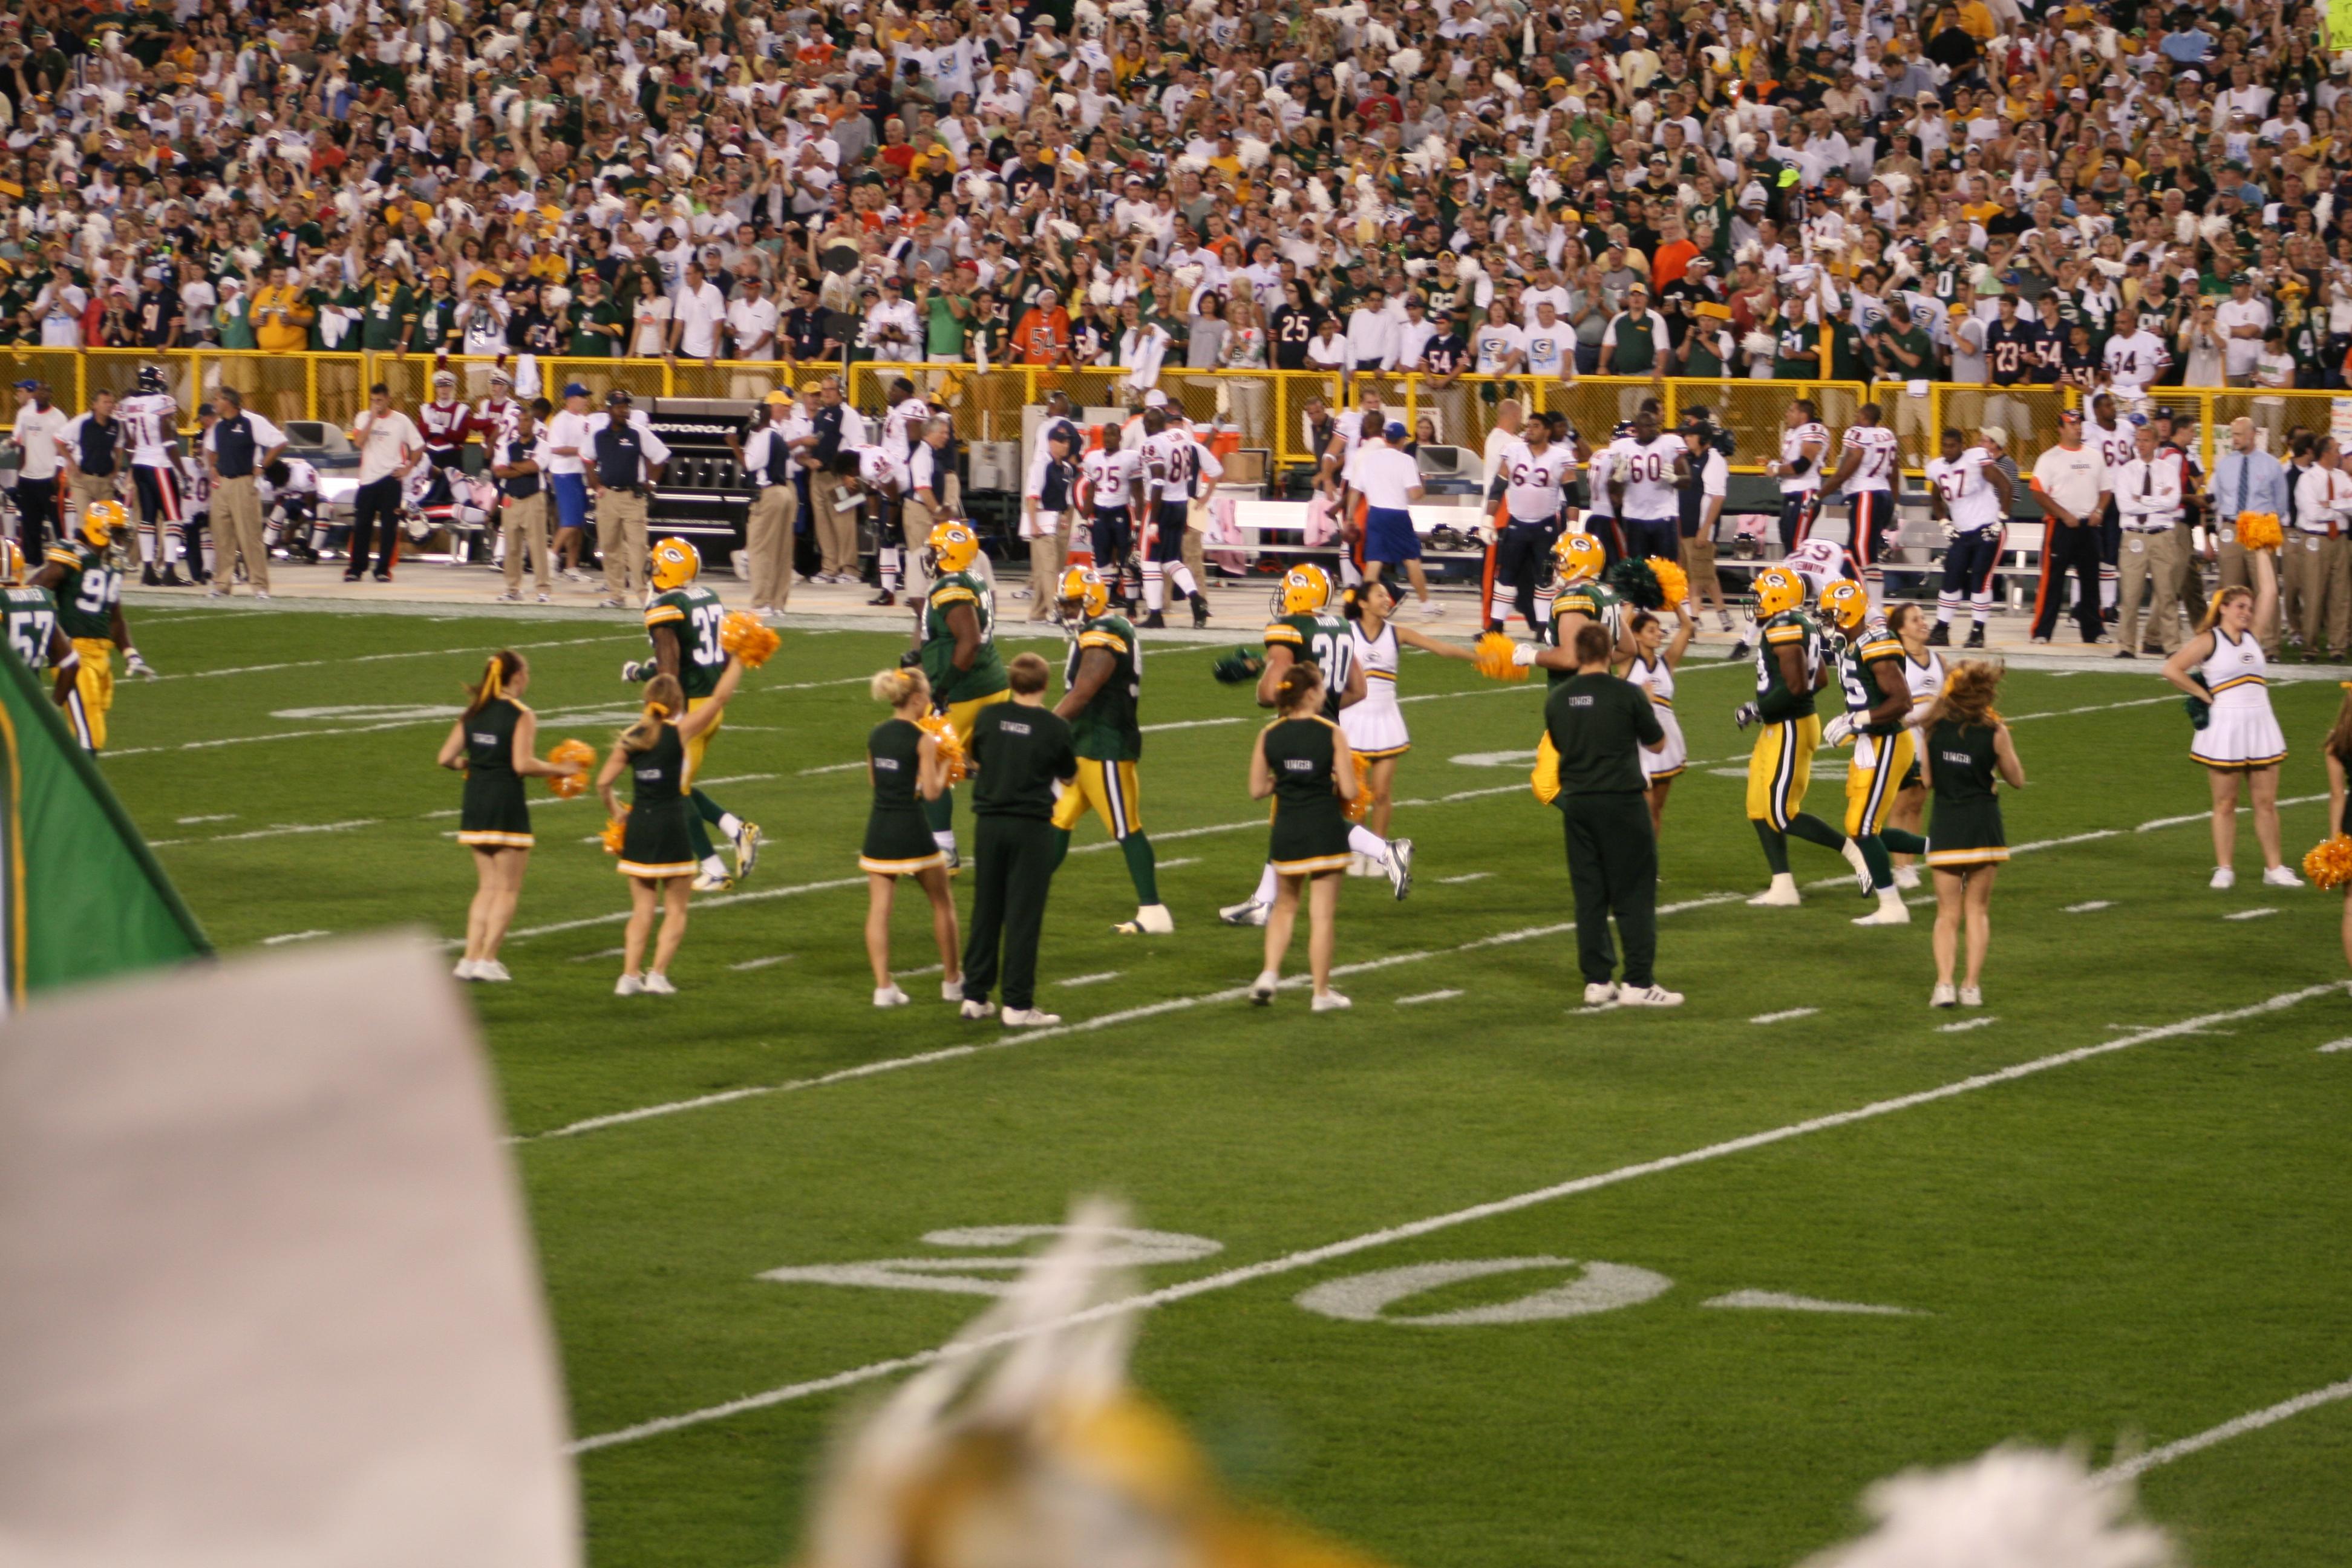 File:Green Bay Packers cheerleaders.jpg